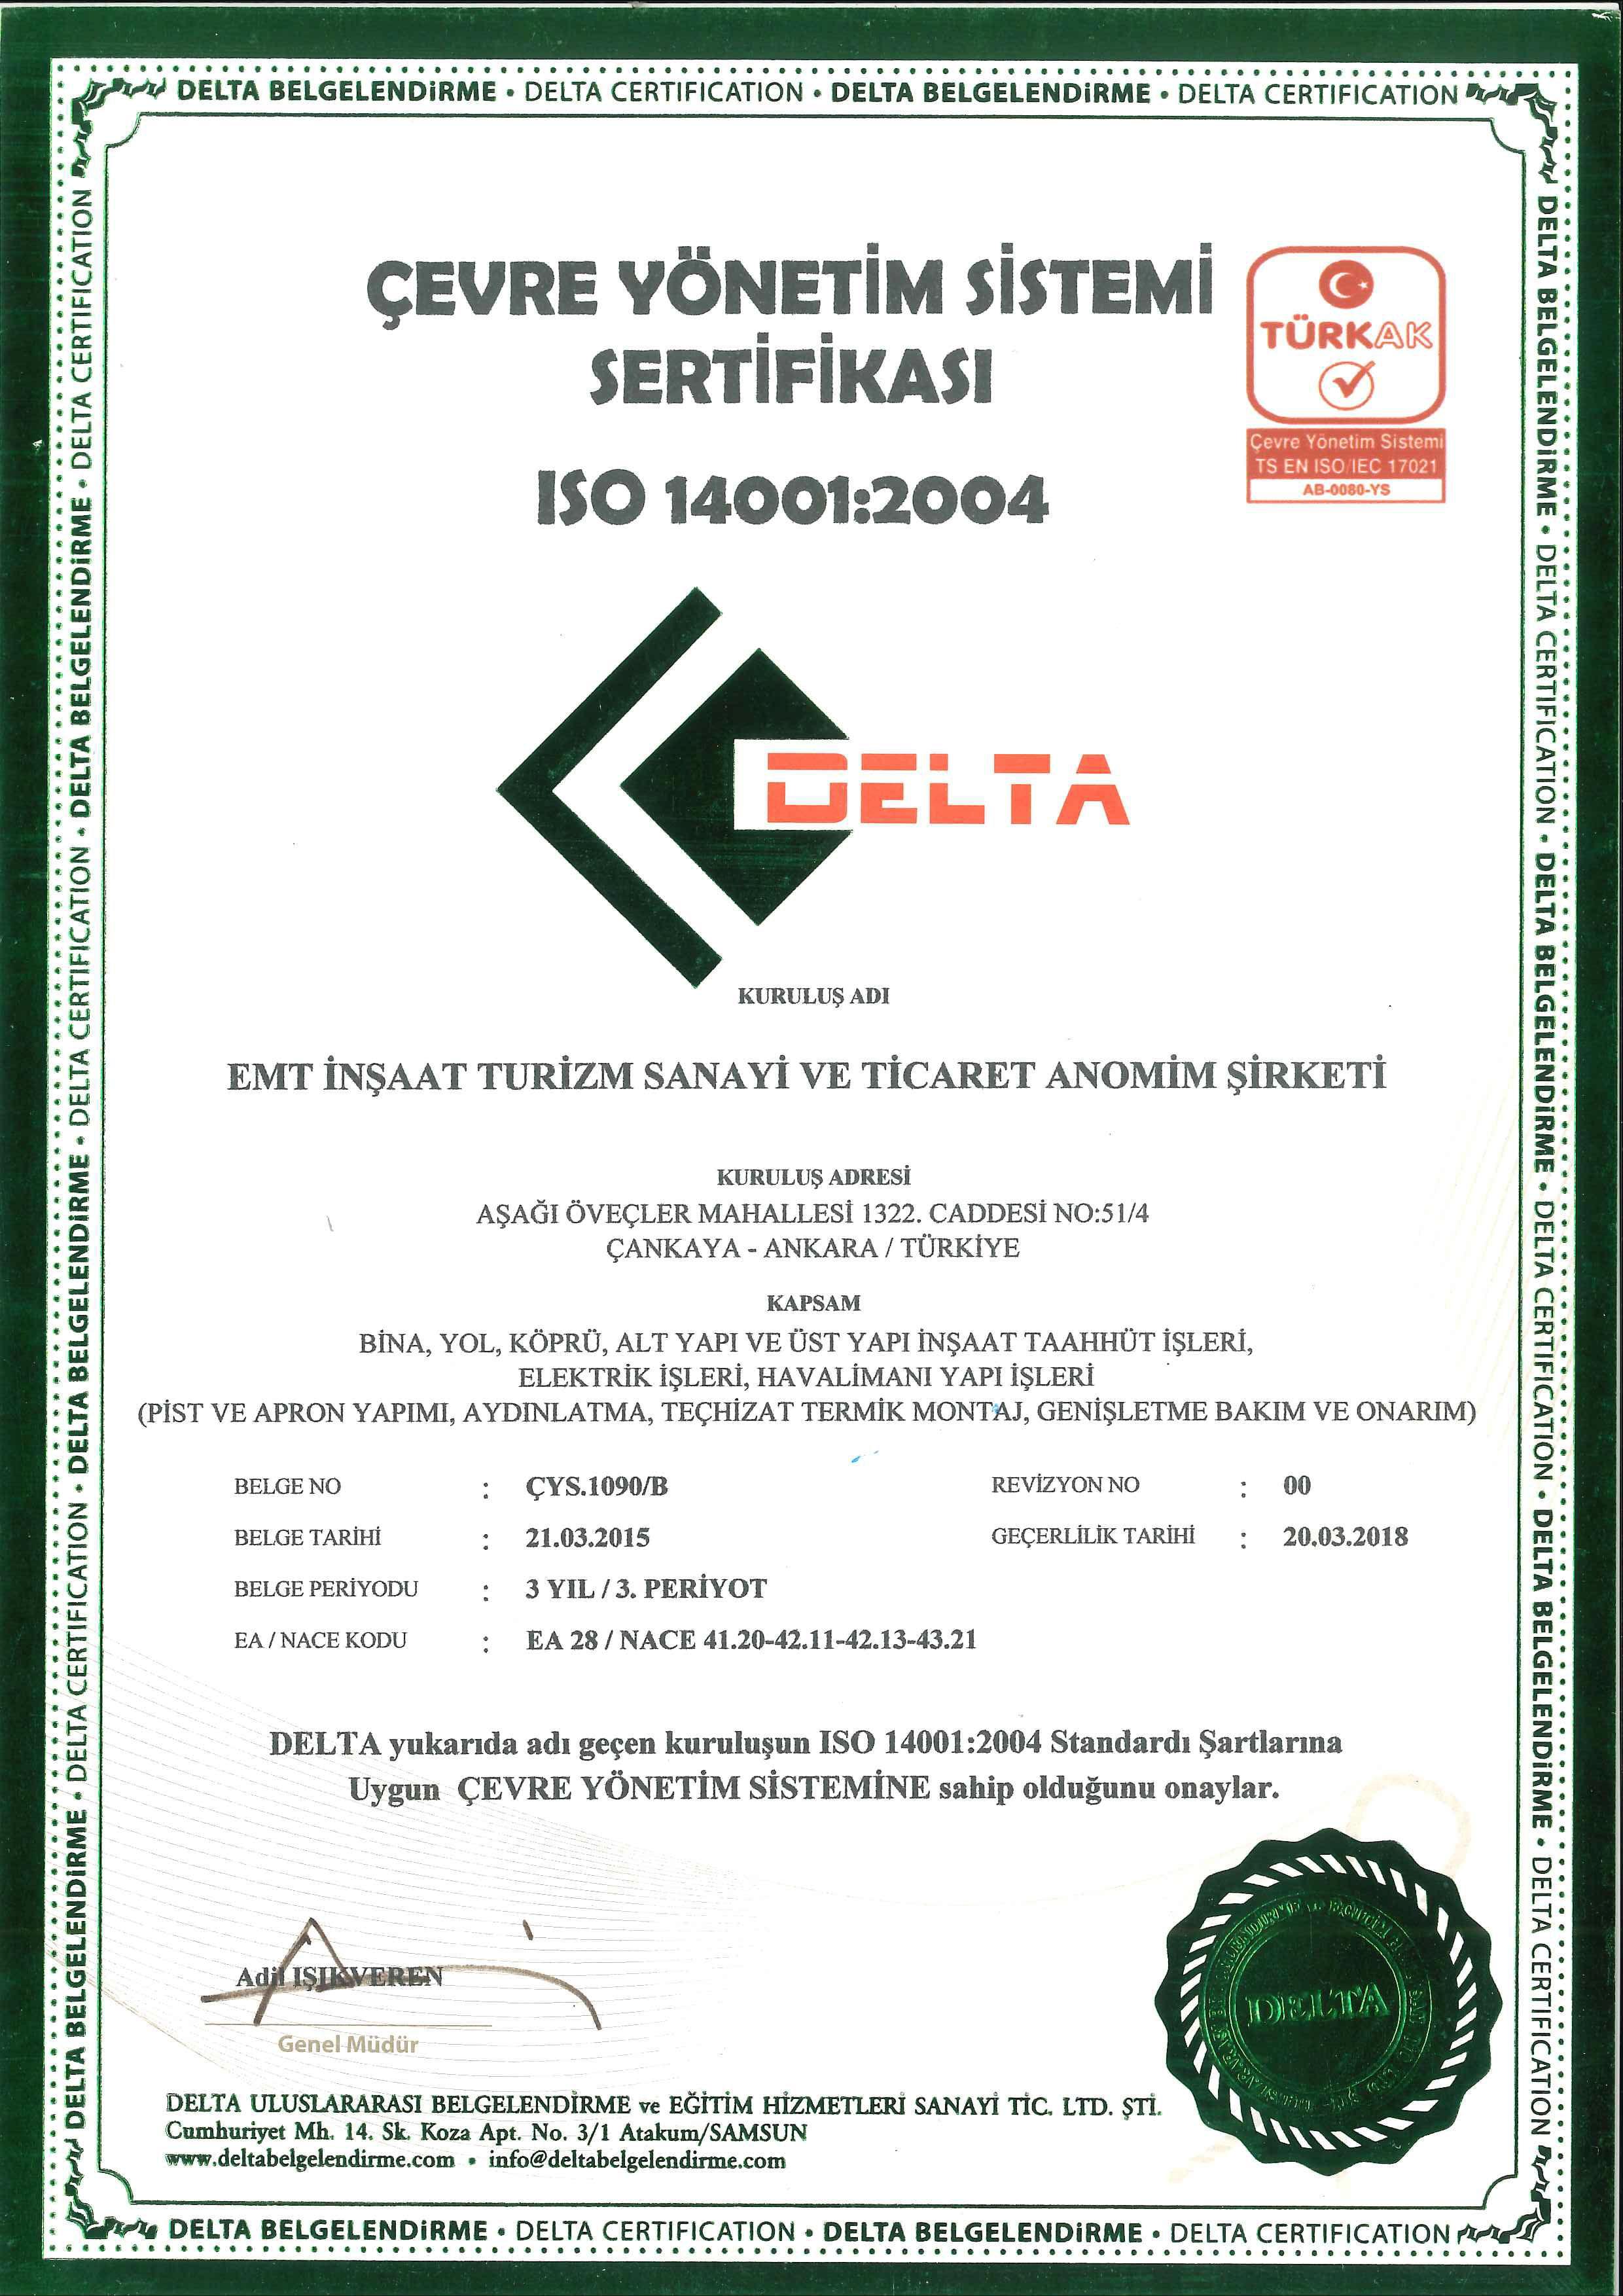 ÇEVRE YÖNETİM SİSTEMİ SERTİFİKASI ISO 14001:2004